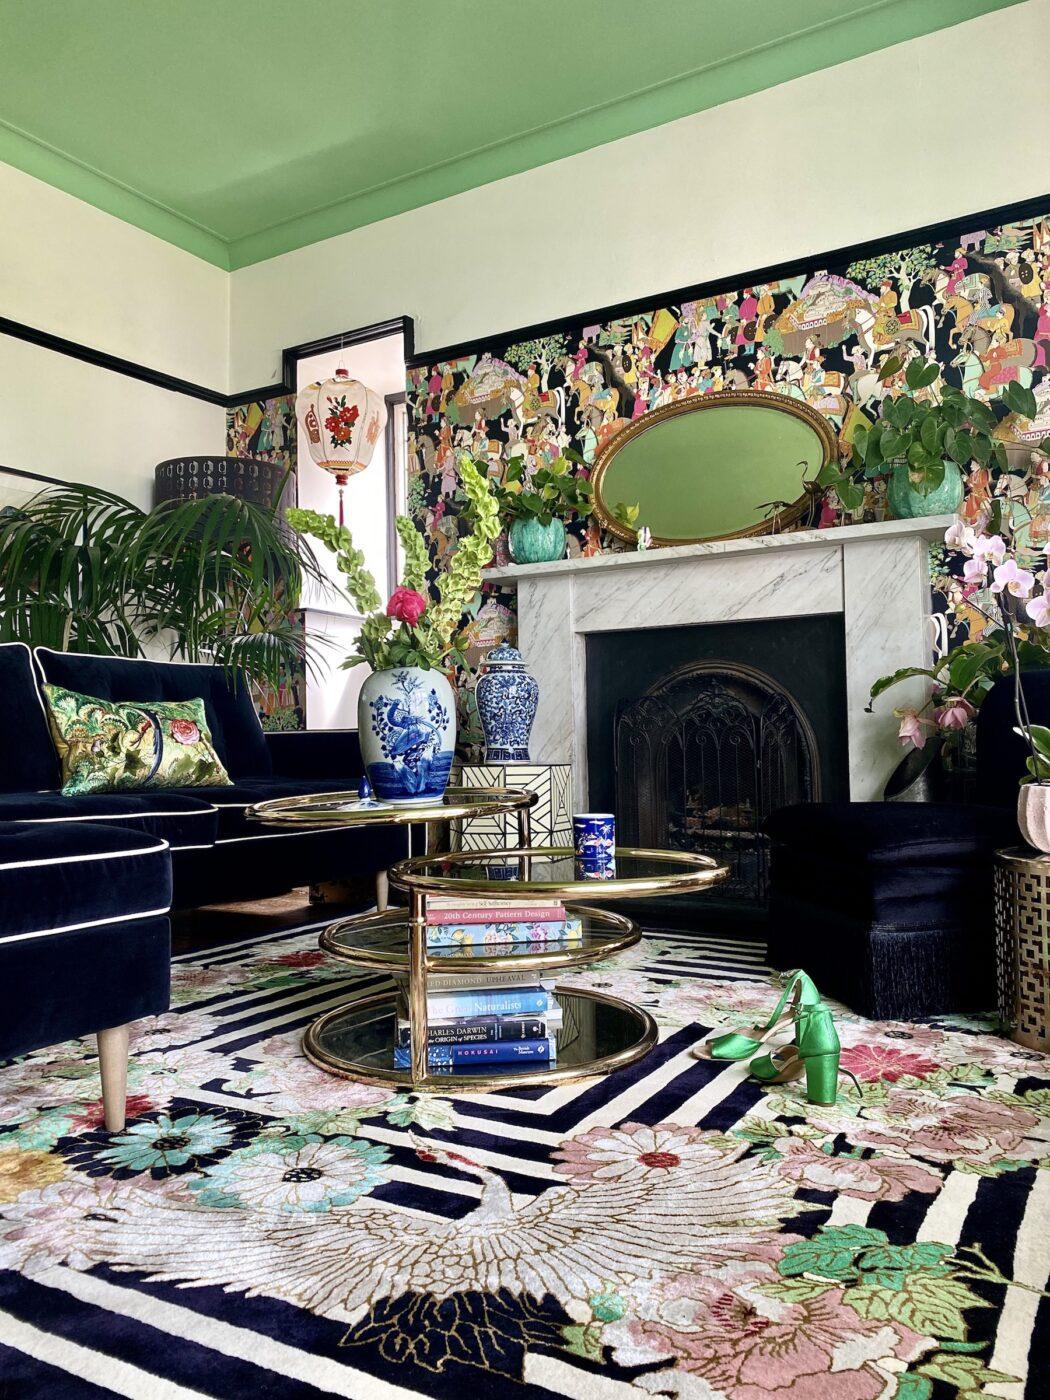 Monochrome-inspired Rug in Living Room